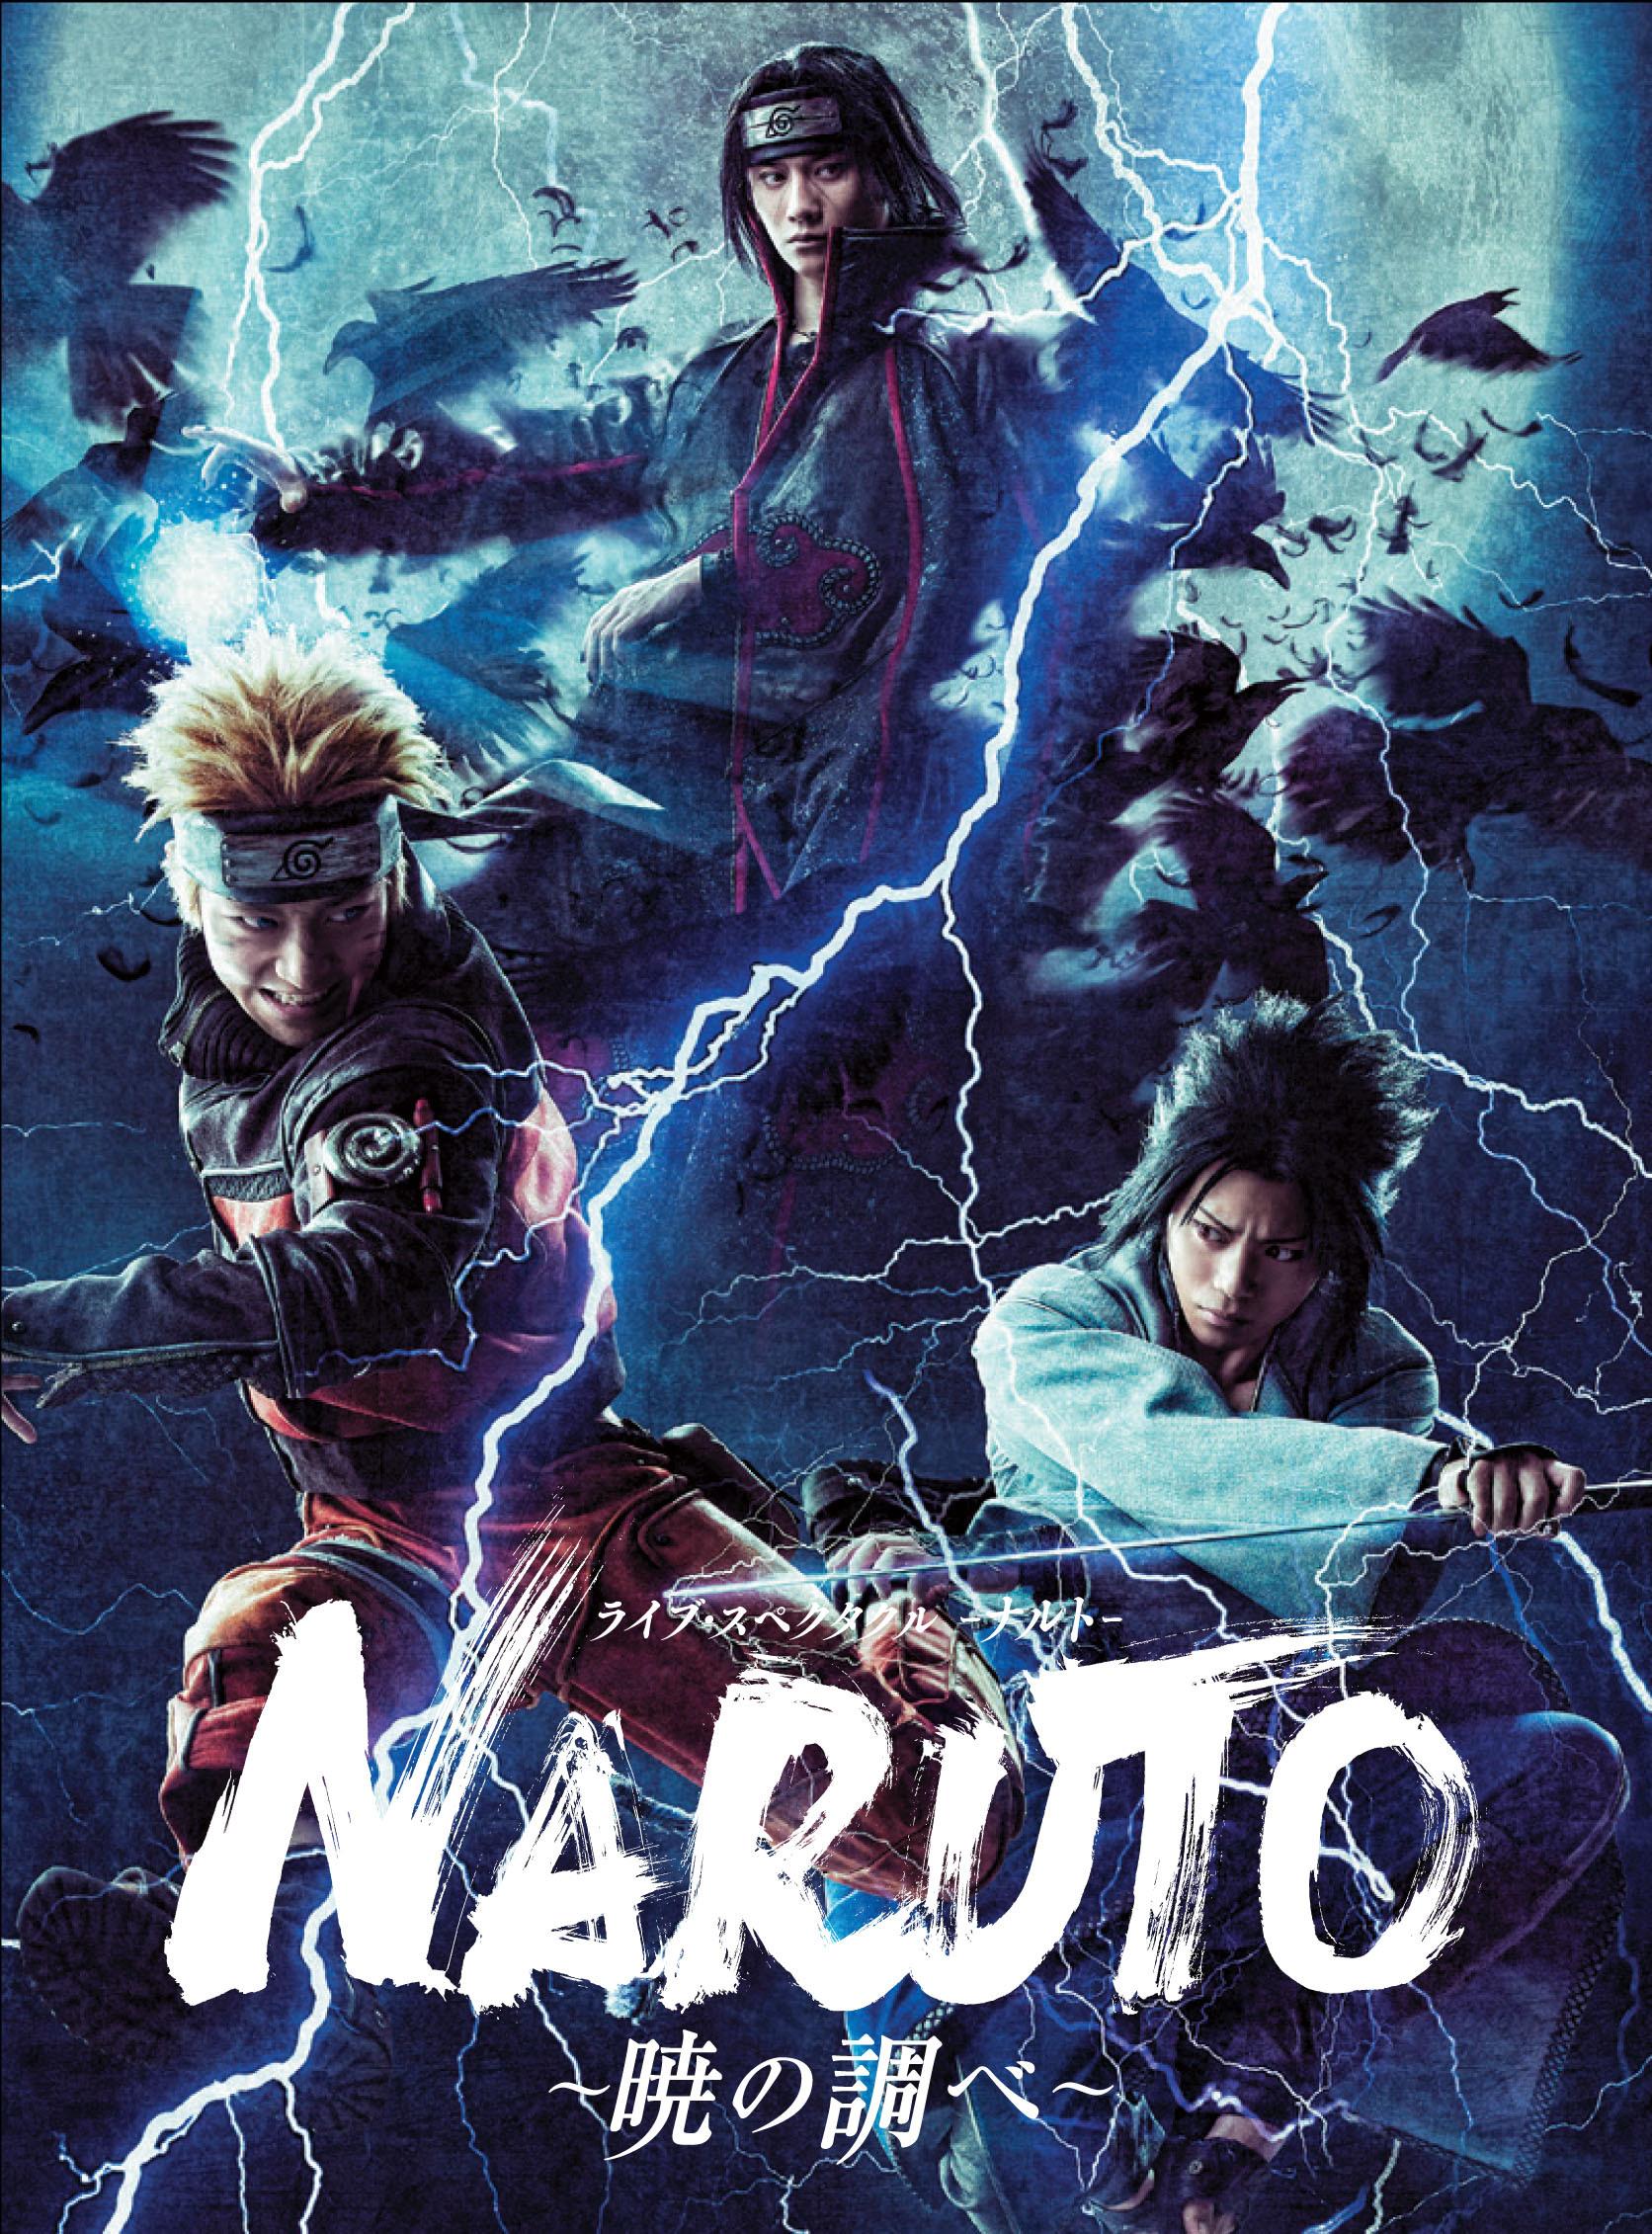 (C)岸本斉史 スコット/集英社 (C)ライブ・スペクタクル「NARUTO-ナルト-」製作委員会2017